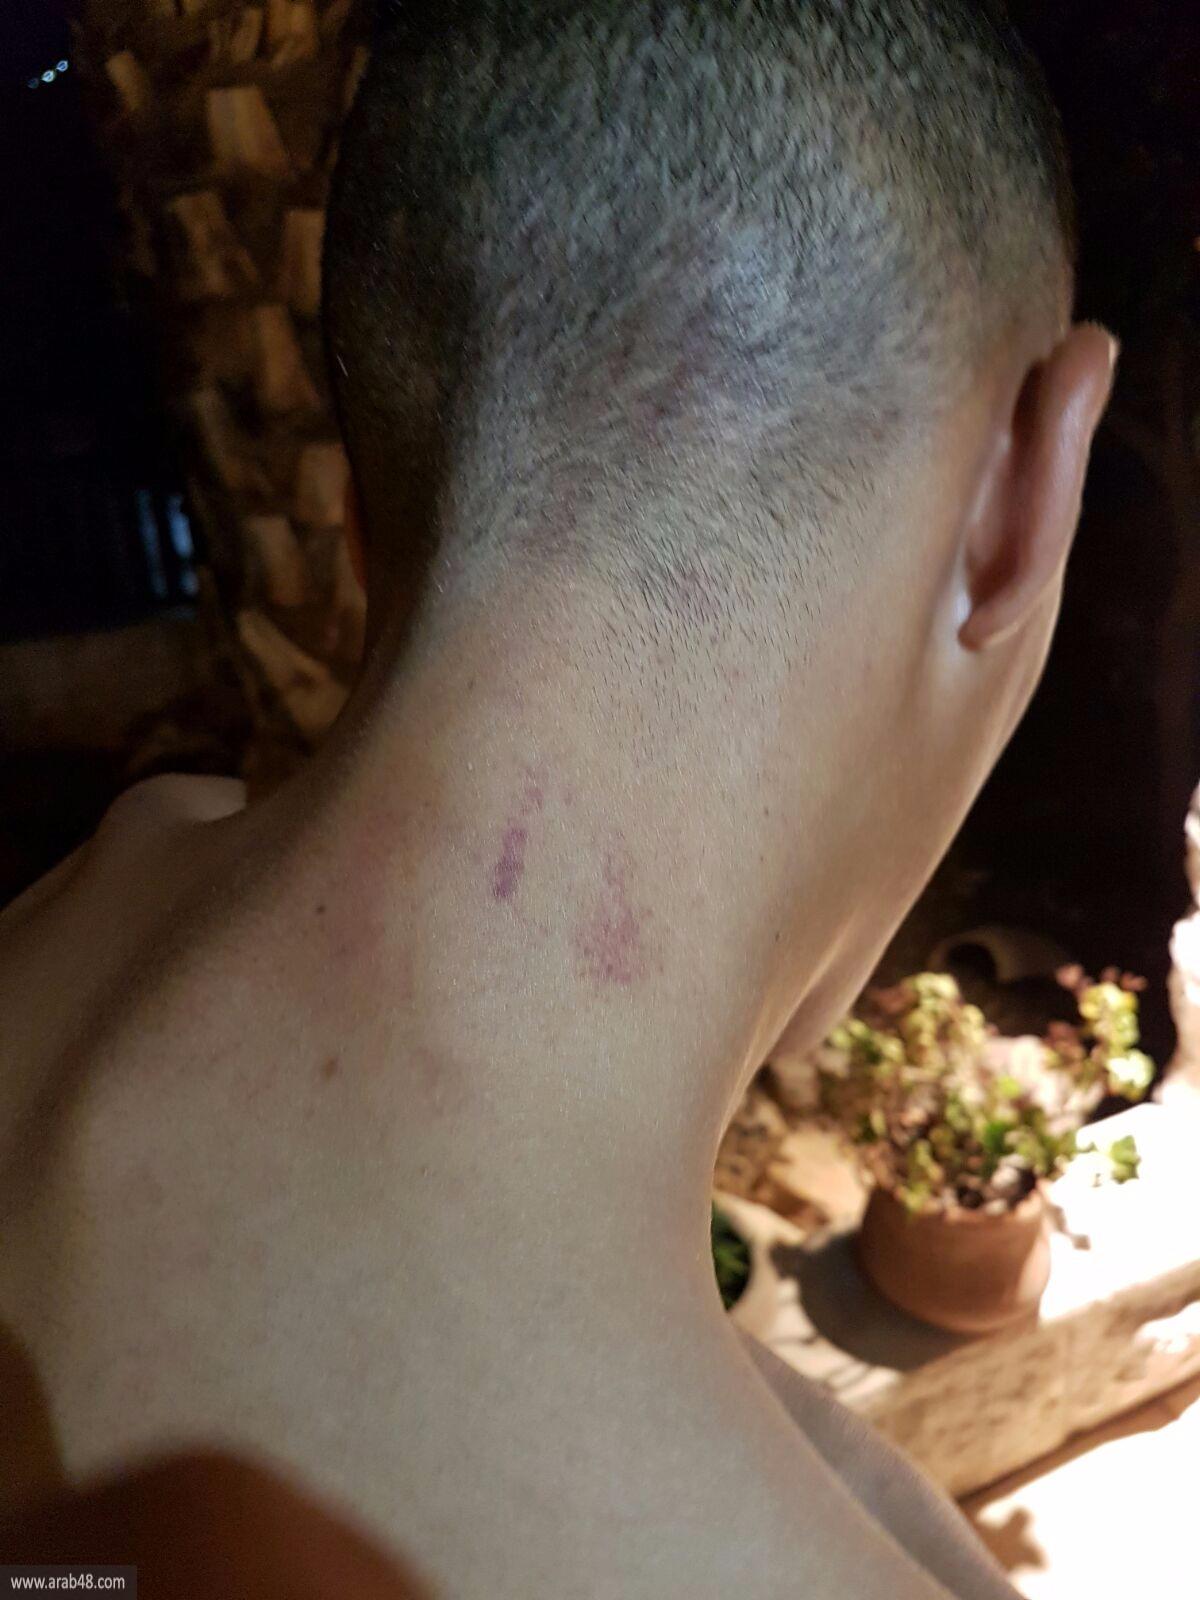 شاب من أم الفحم: الشرطة اعتدت علي في القدس